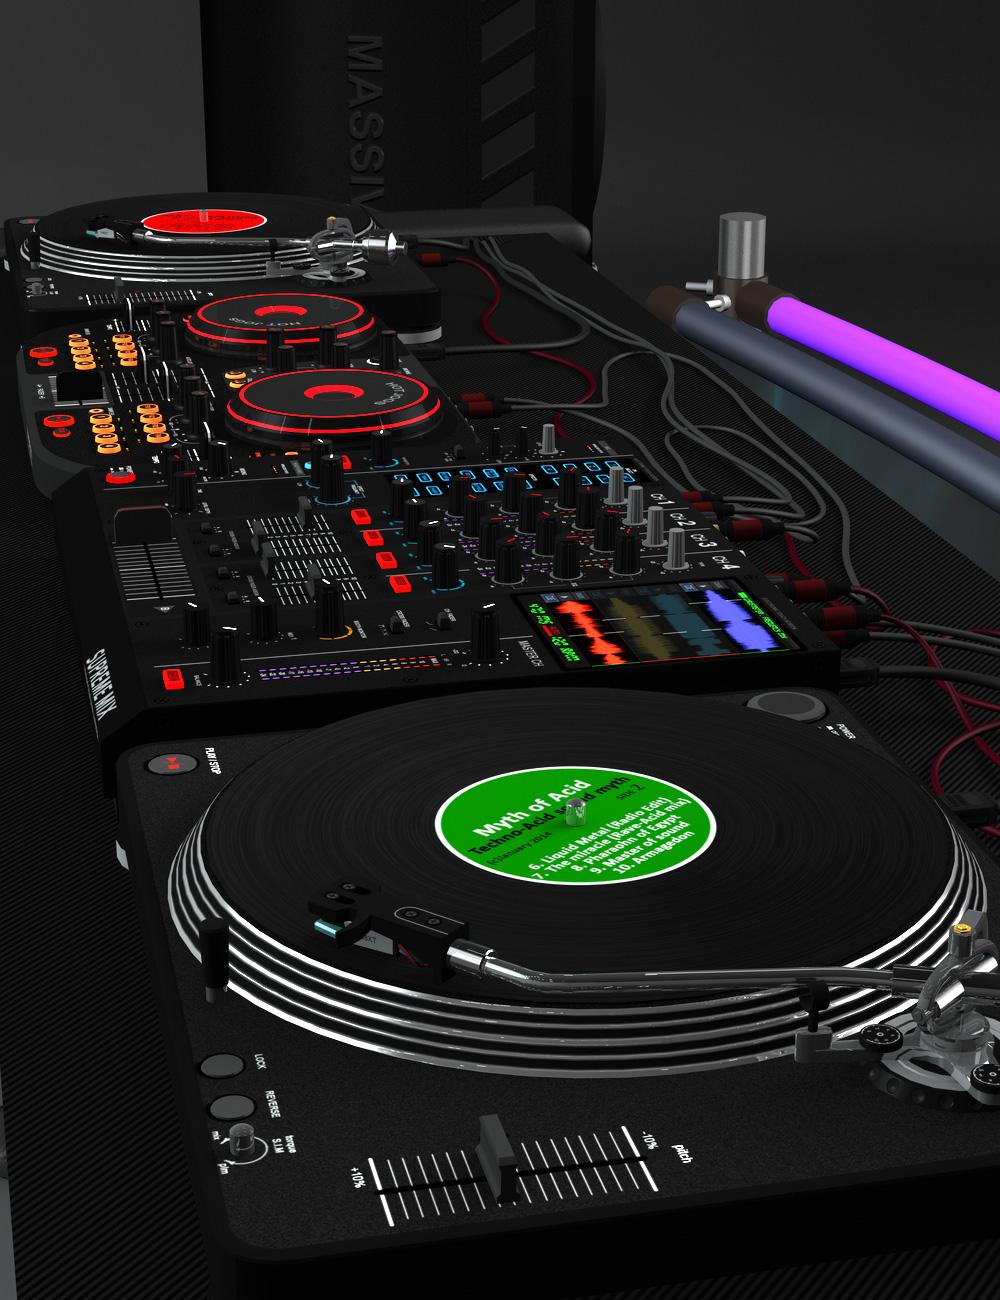 DJ-Equipments by: zoro_d, 3D Models by Daz 3D